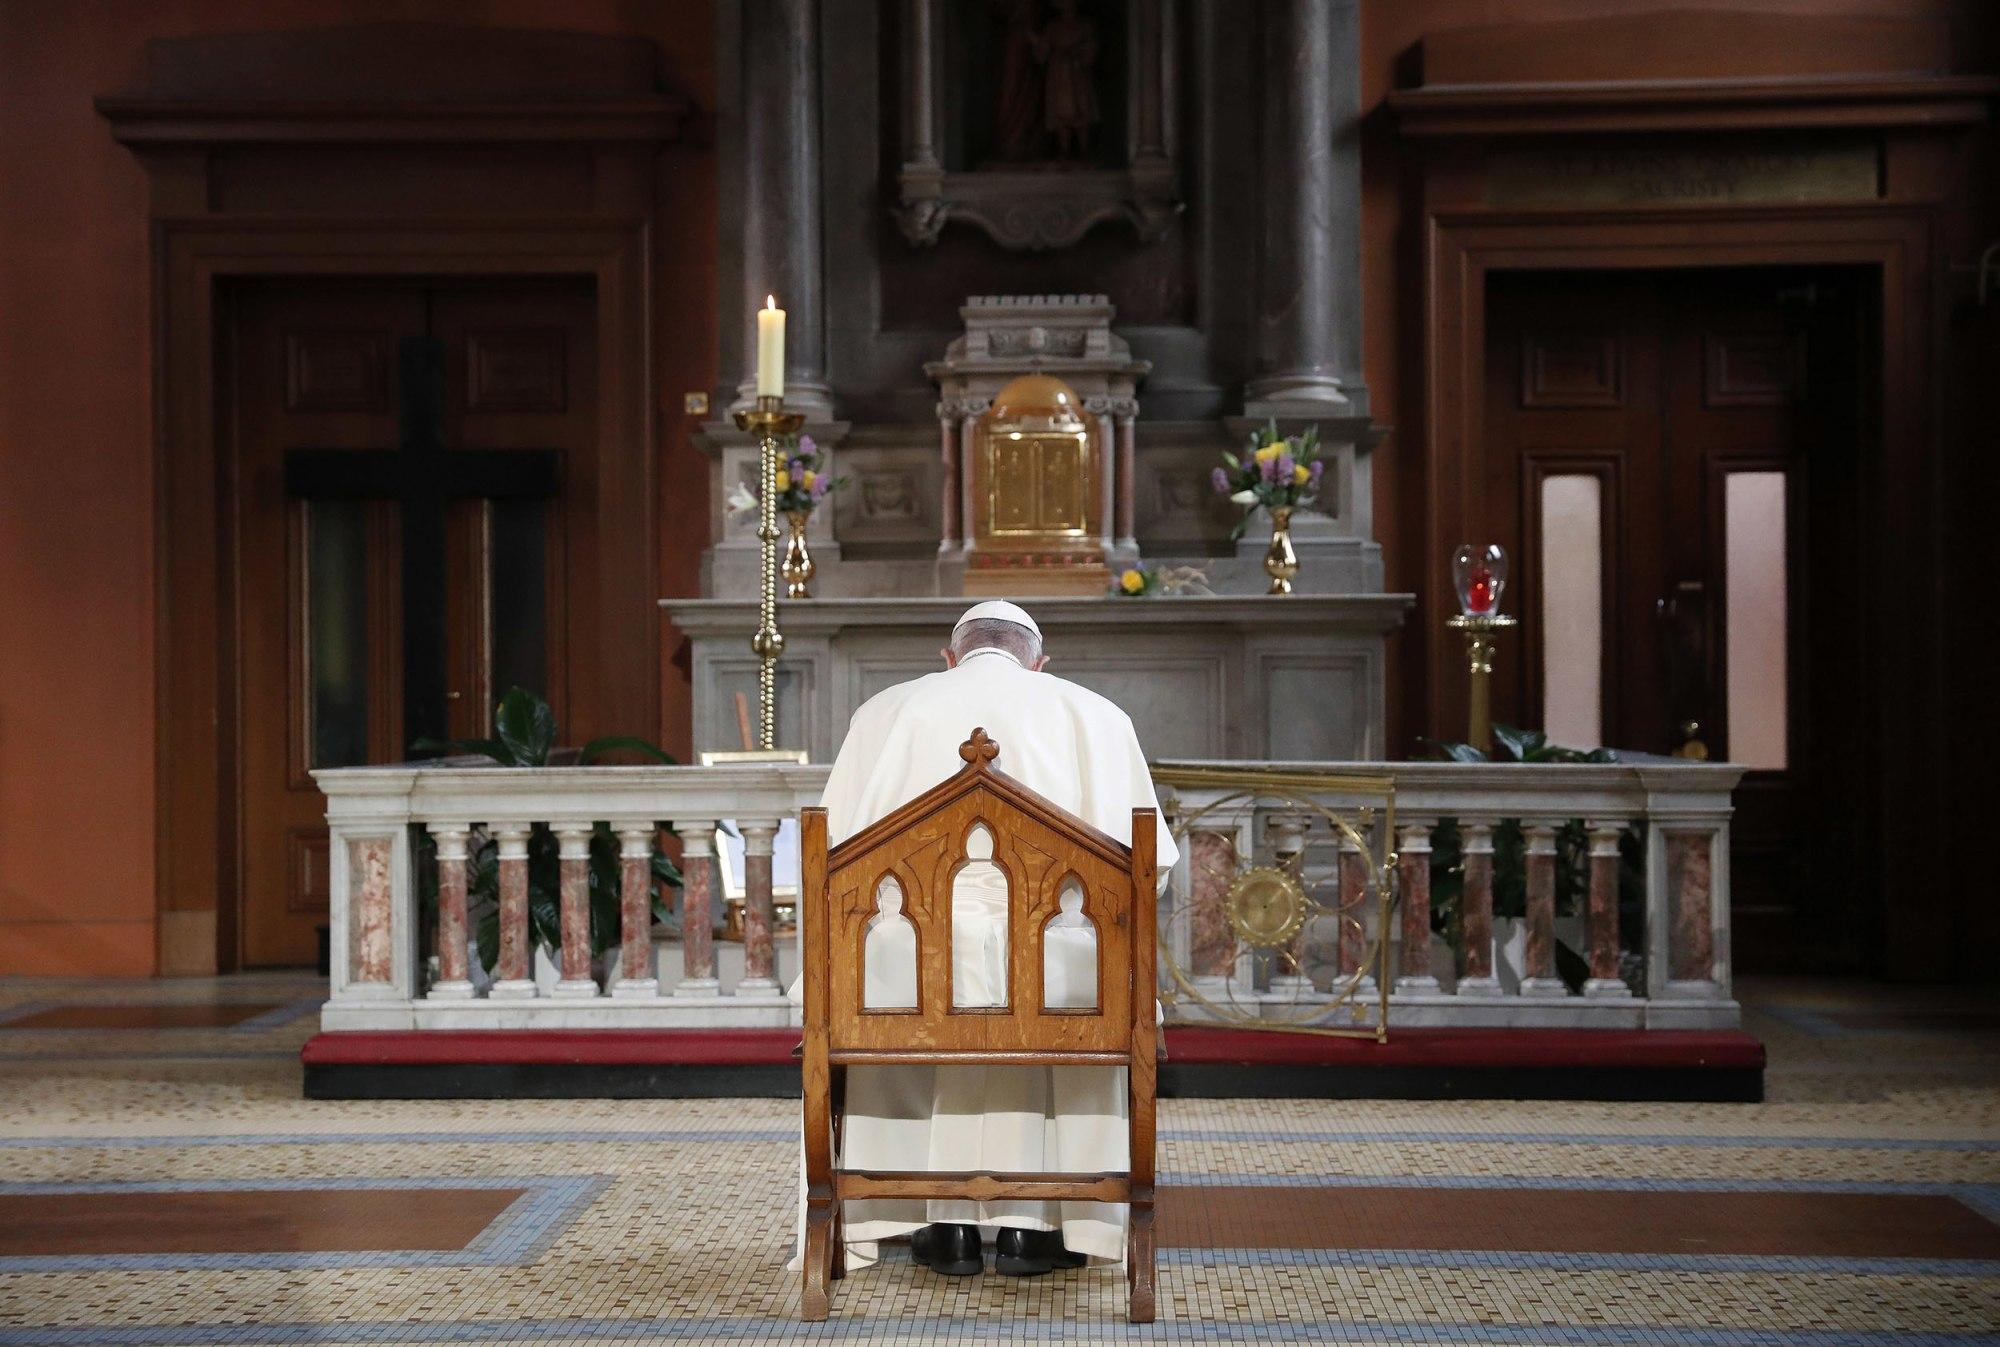 https://media2.s-nbcnews.com/j/newscms/2018_35/2546651/180828-pope-cardinals-mc-1017_d17dba370f67dbf3ad7d6215f6a468a3.fit-2000w.JPG